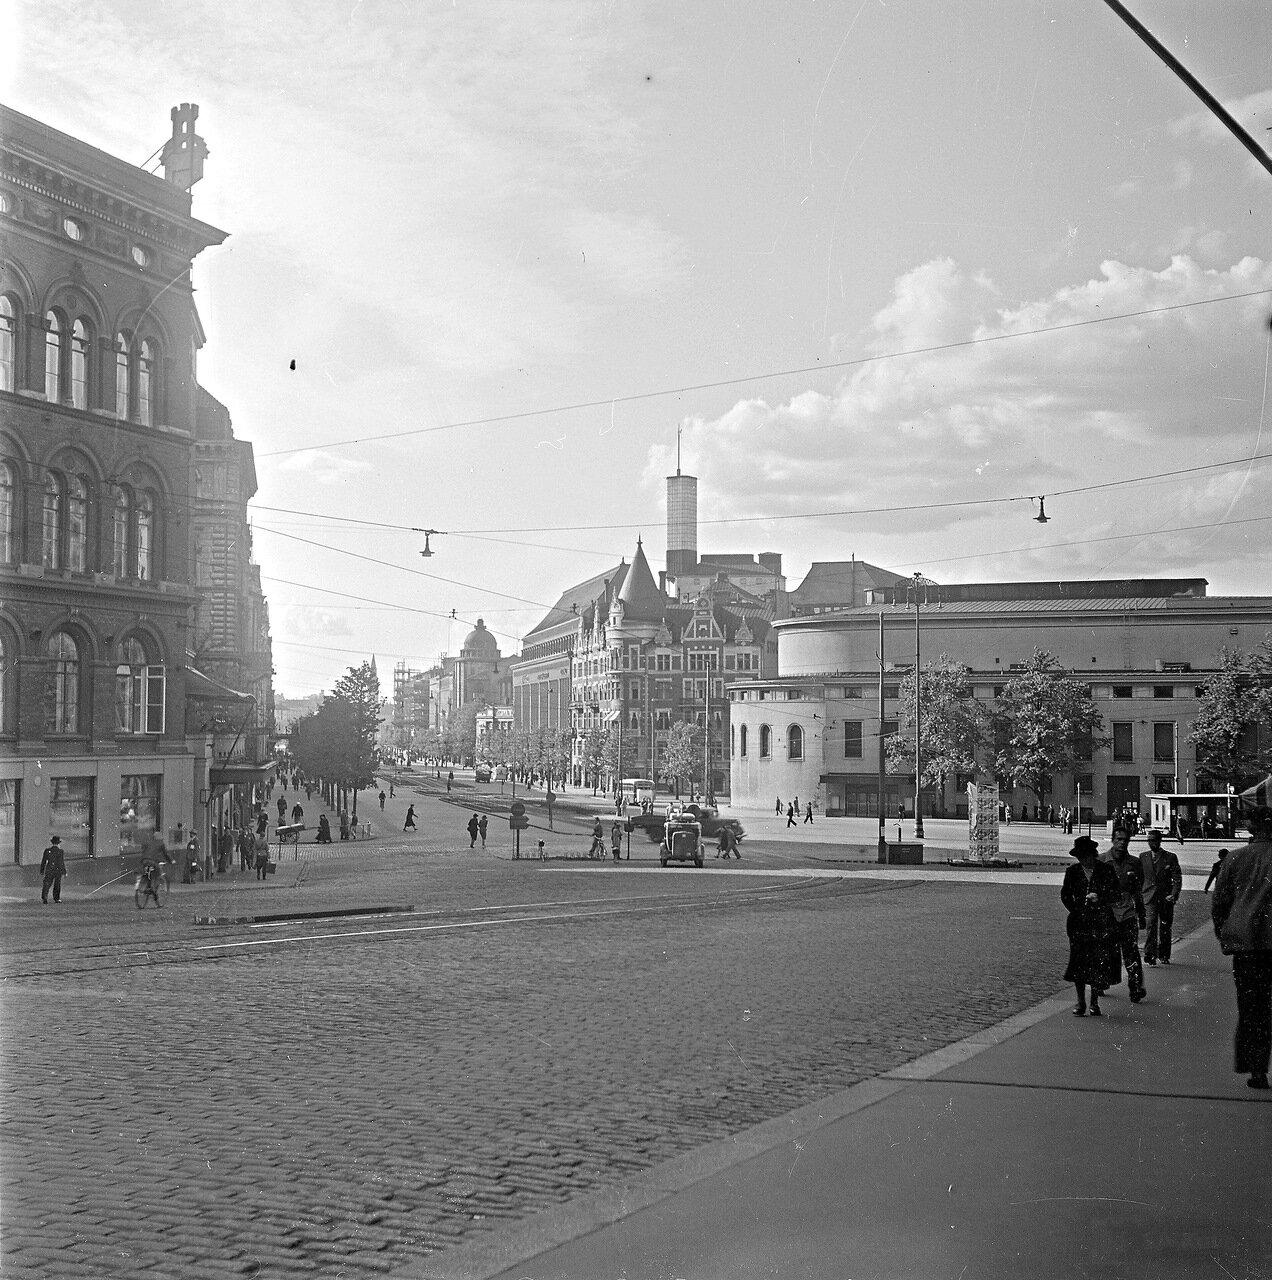 1941. 20 июня. Площадь Эроттая, Шведский театр